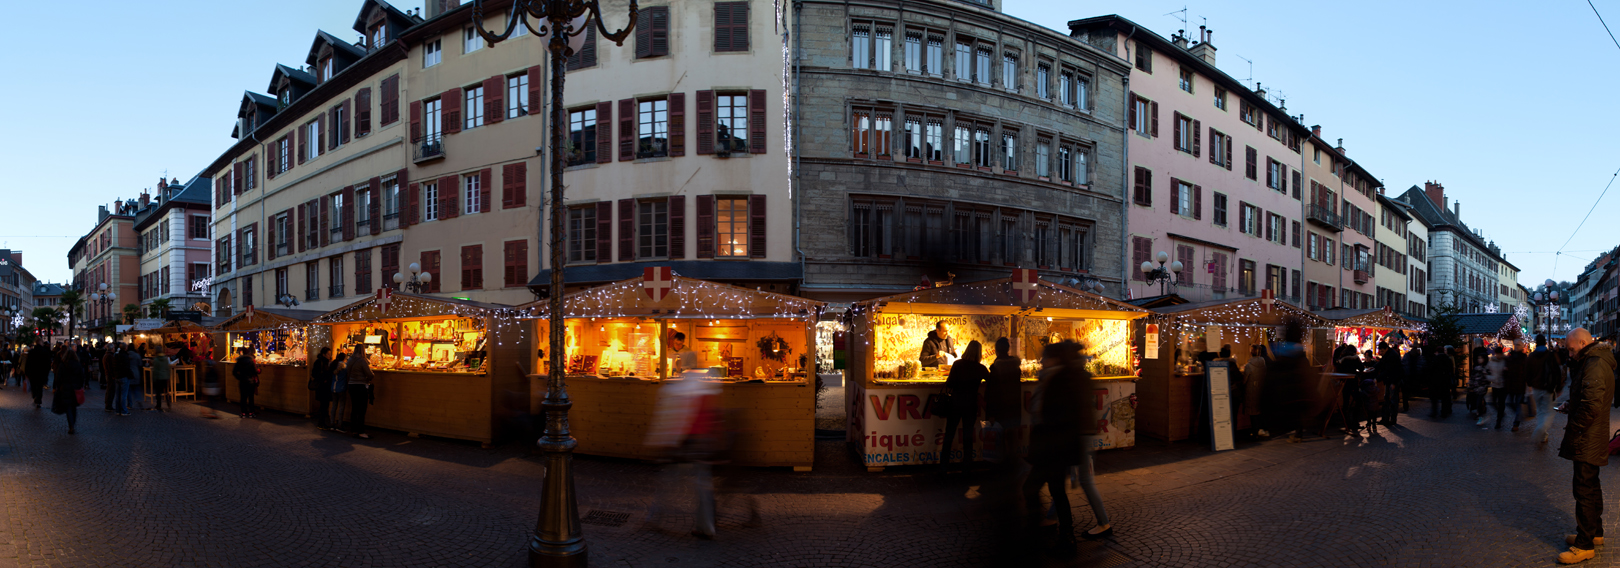 034 Marché de Noël 2014 Chambéry